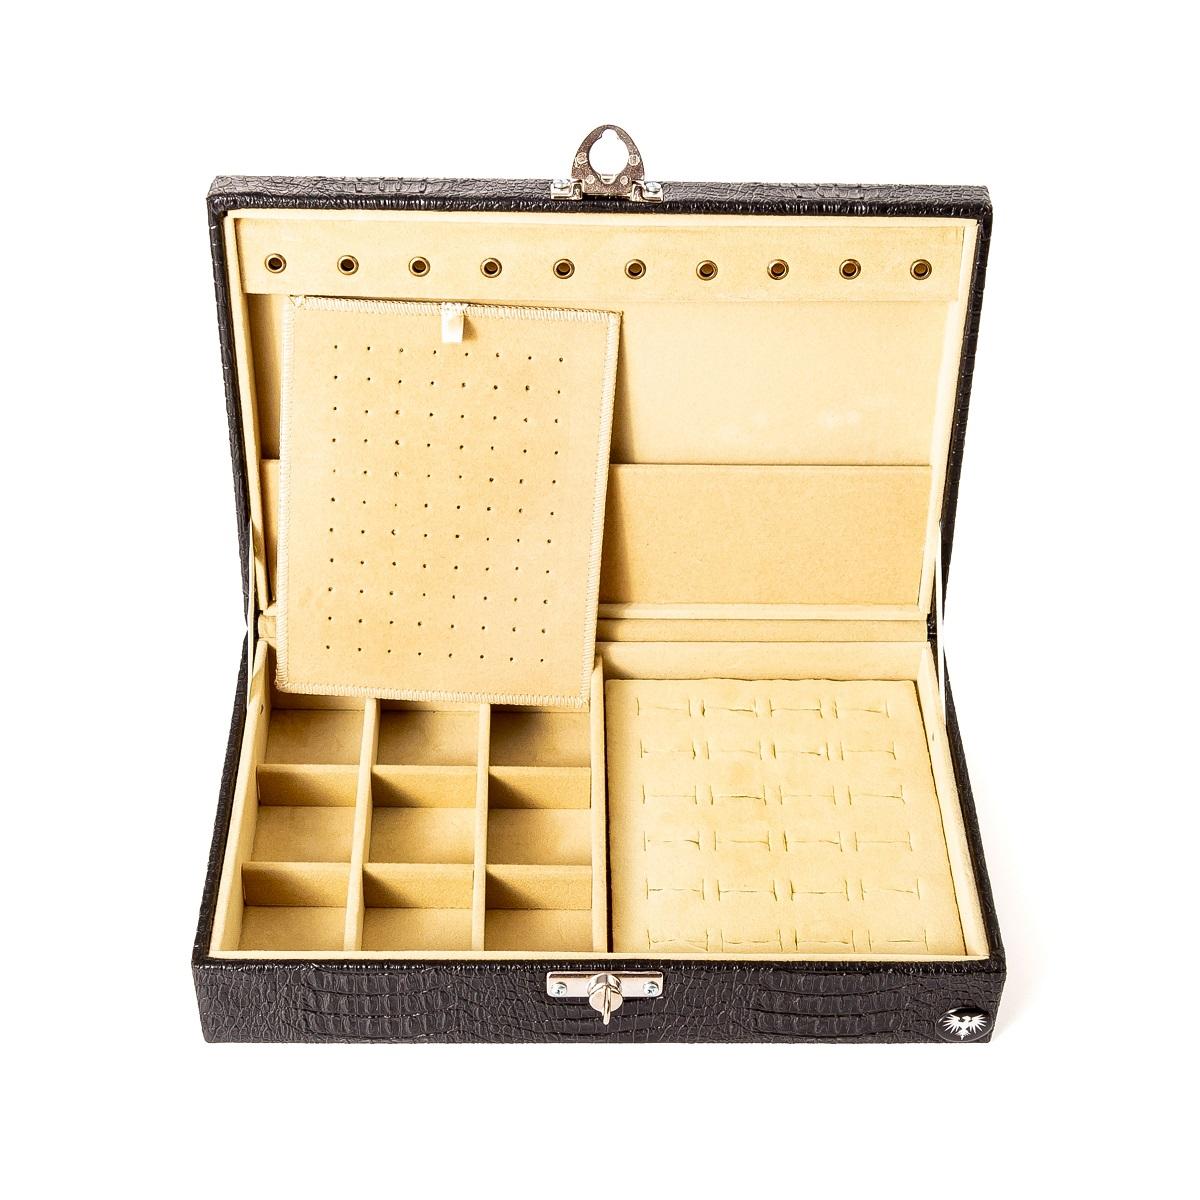 caixa-porta-joias-couro-ecologico-pequeno-preto-bege-imagem-3.jpg